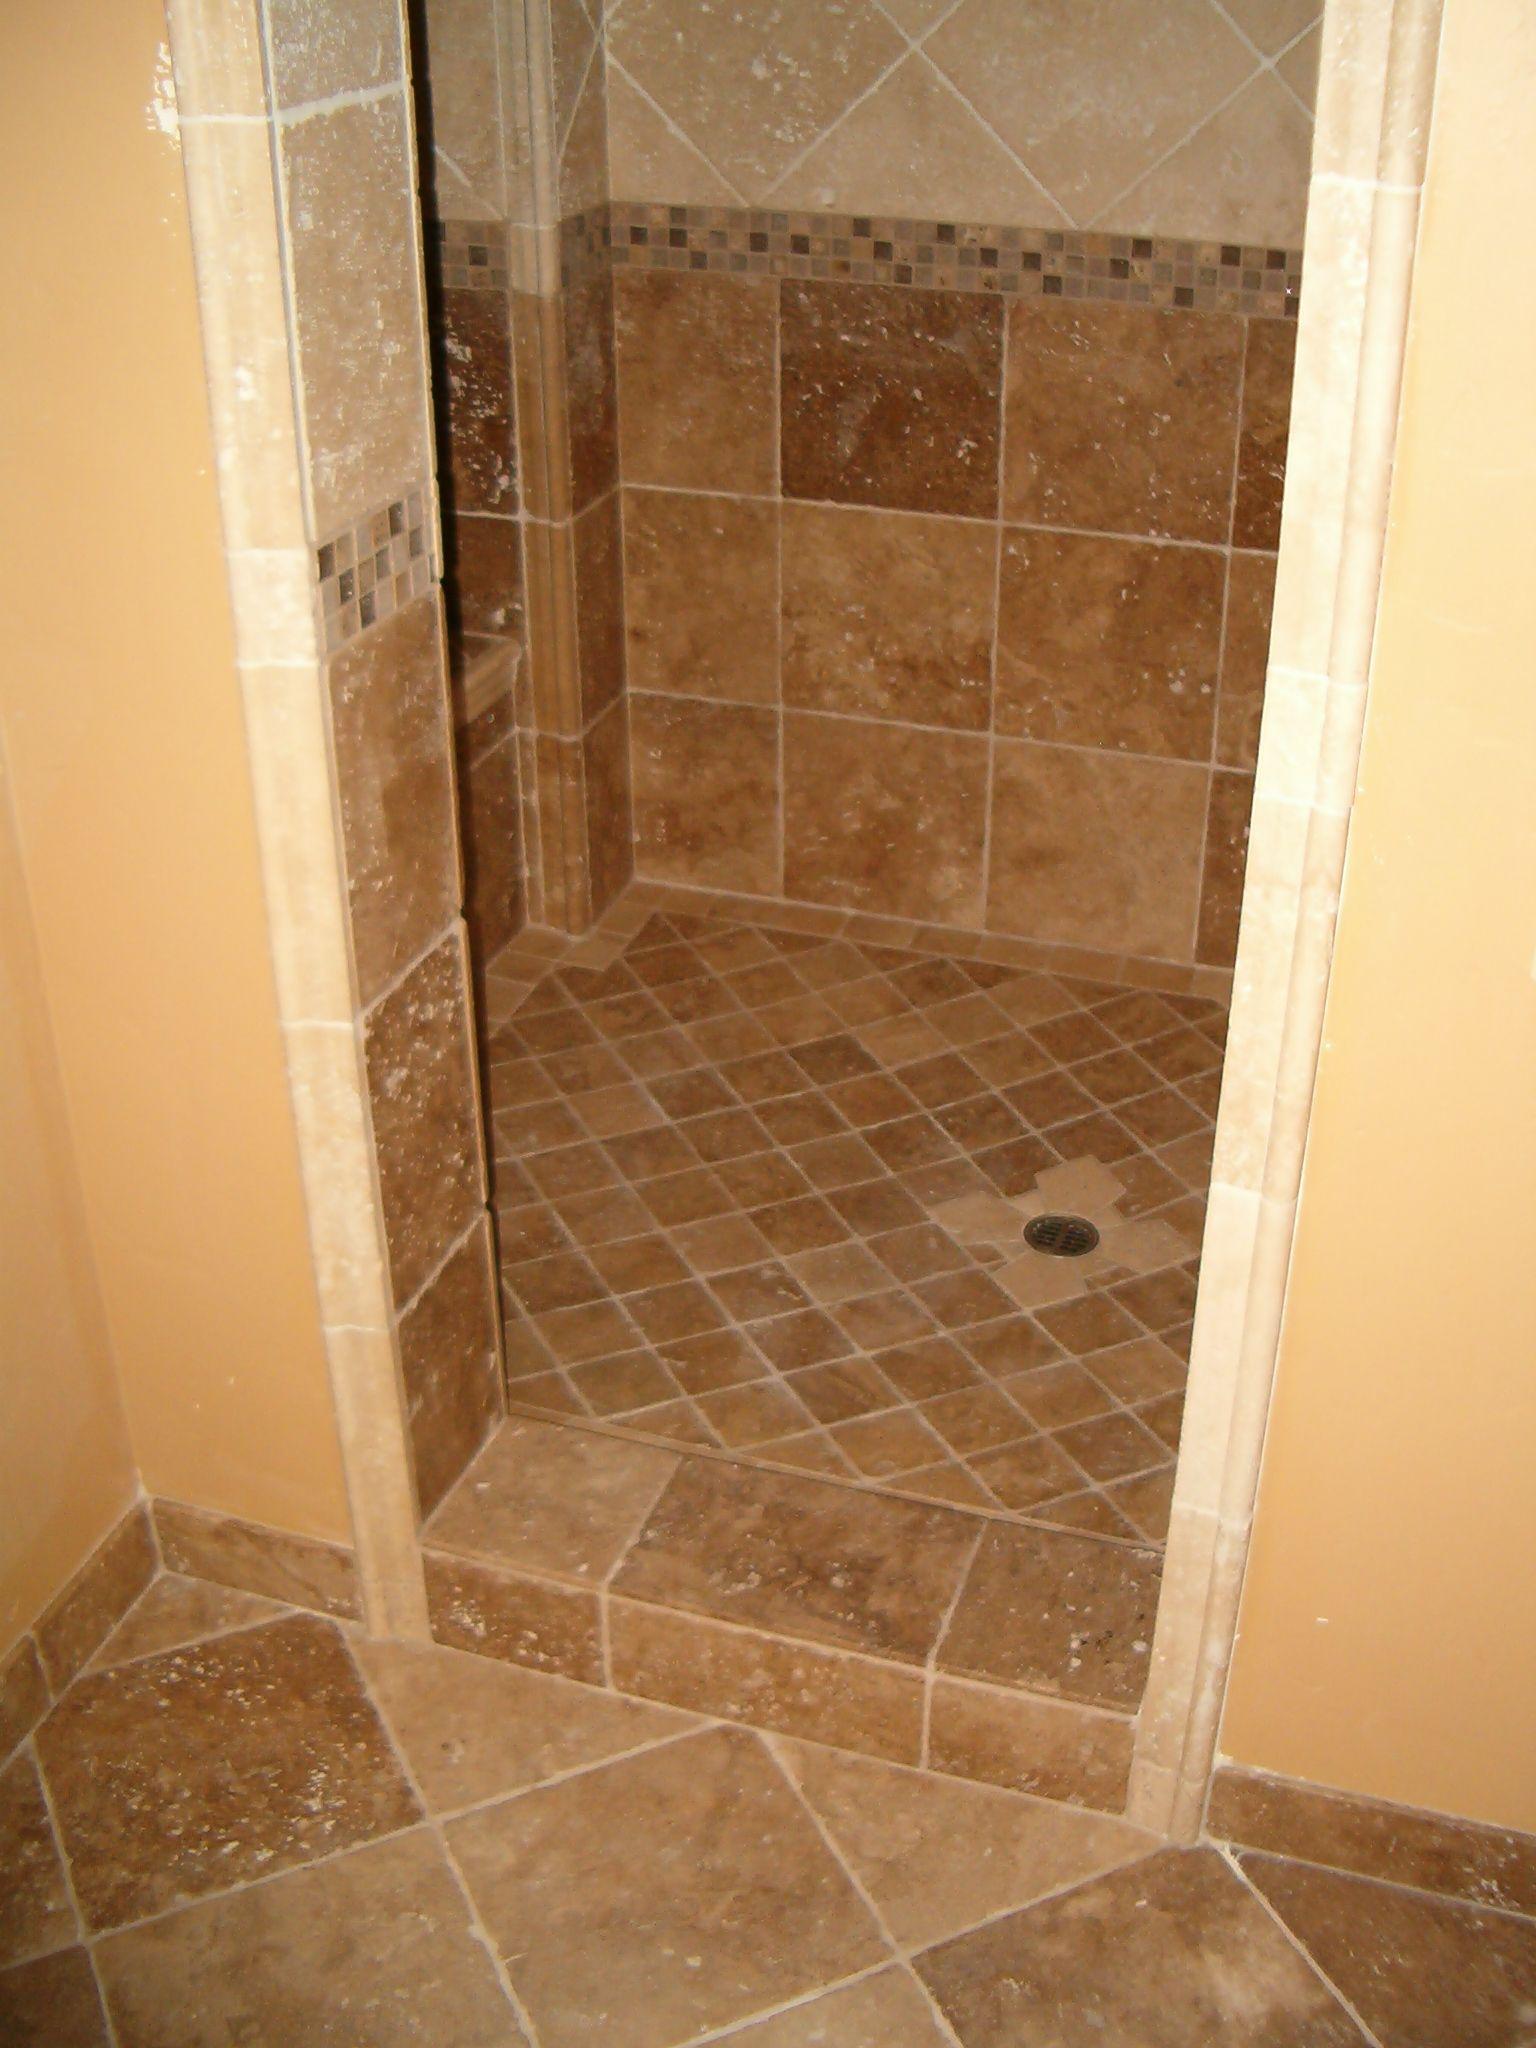 tile shower pictures - Bing Images | bathroom | Pinterest | Shower ...